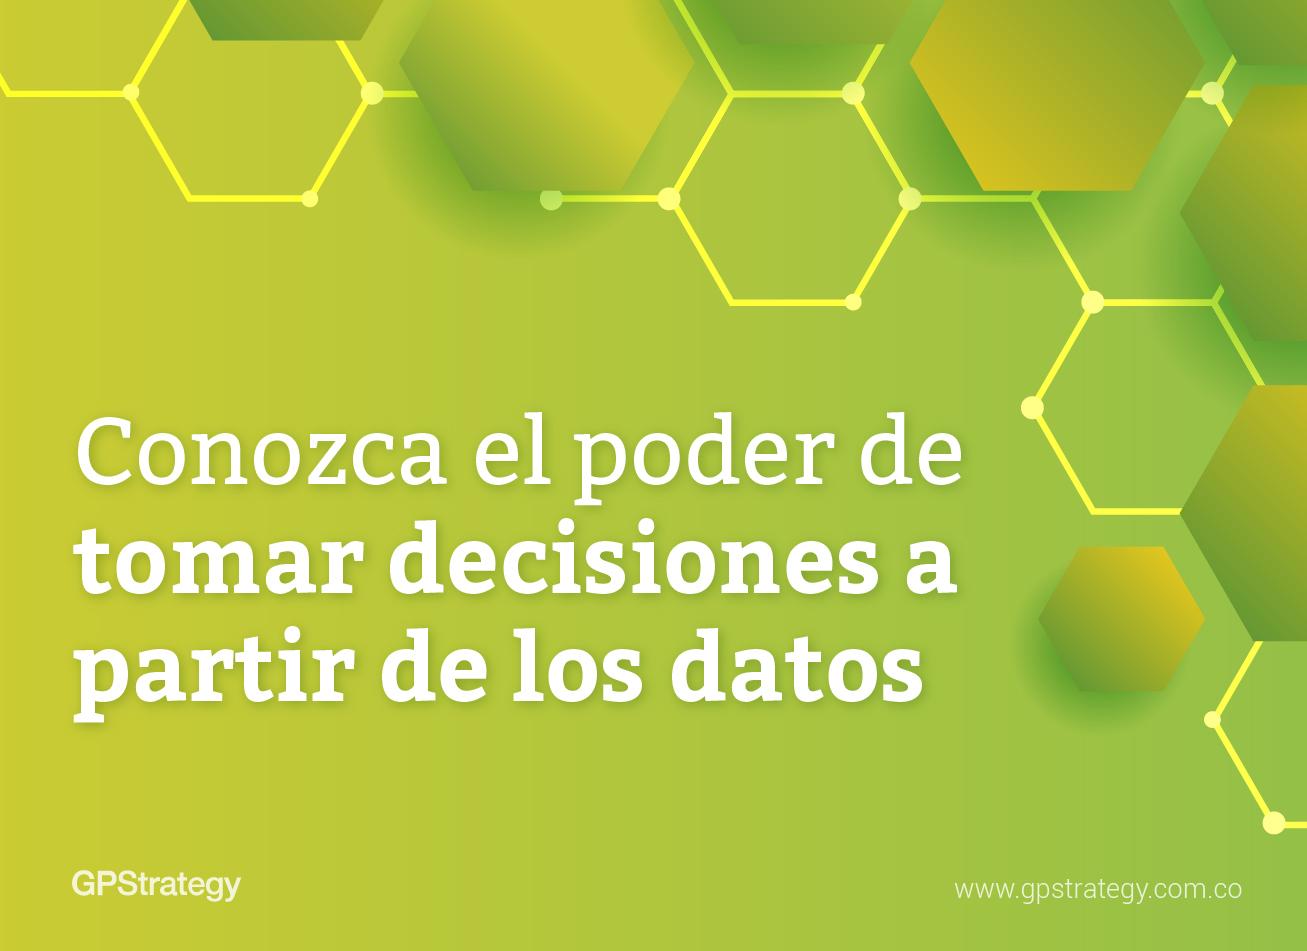 tomar decisiones a partir de los datos